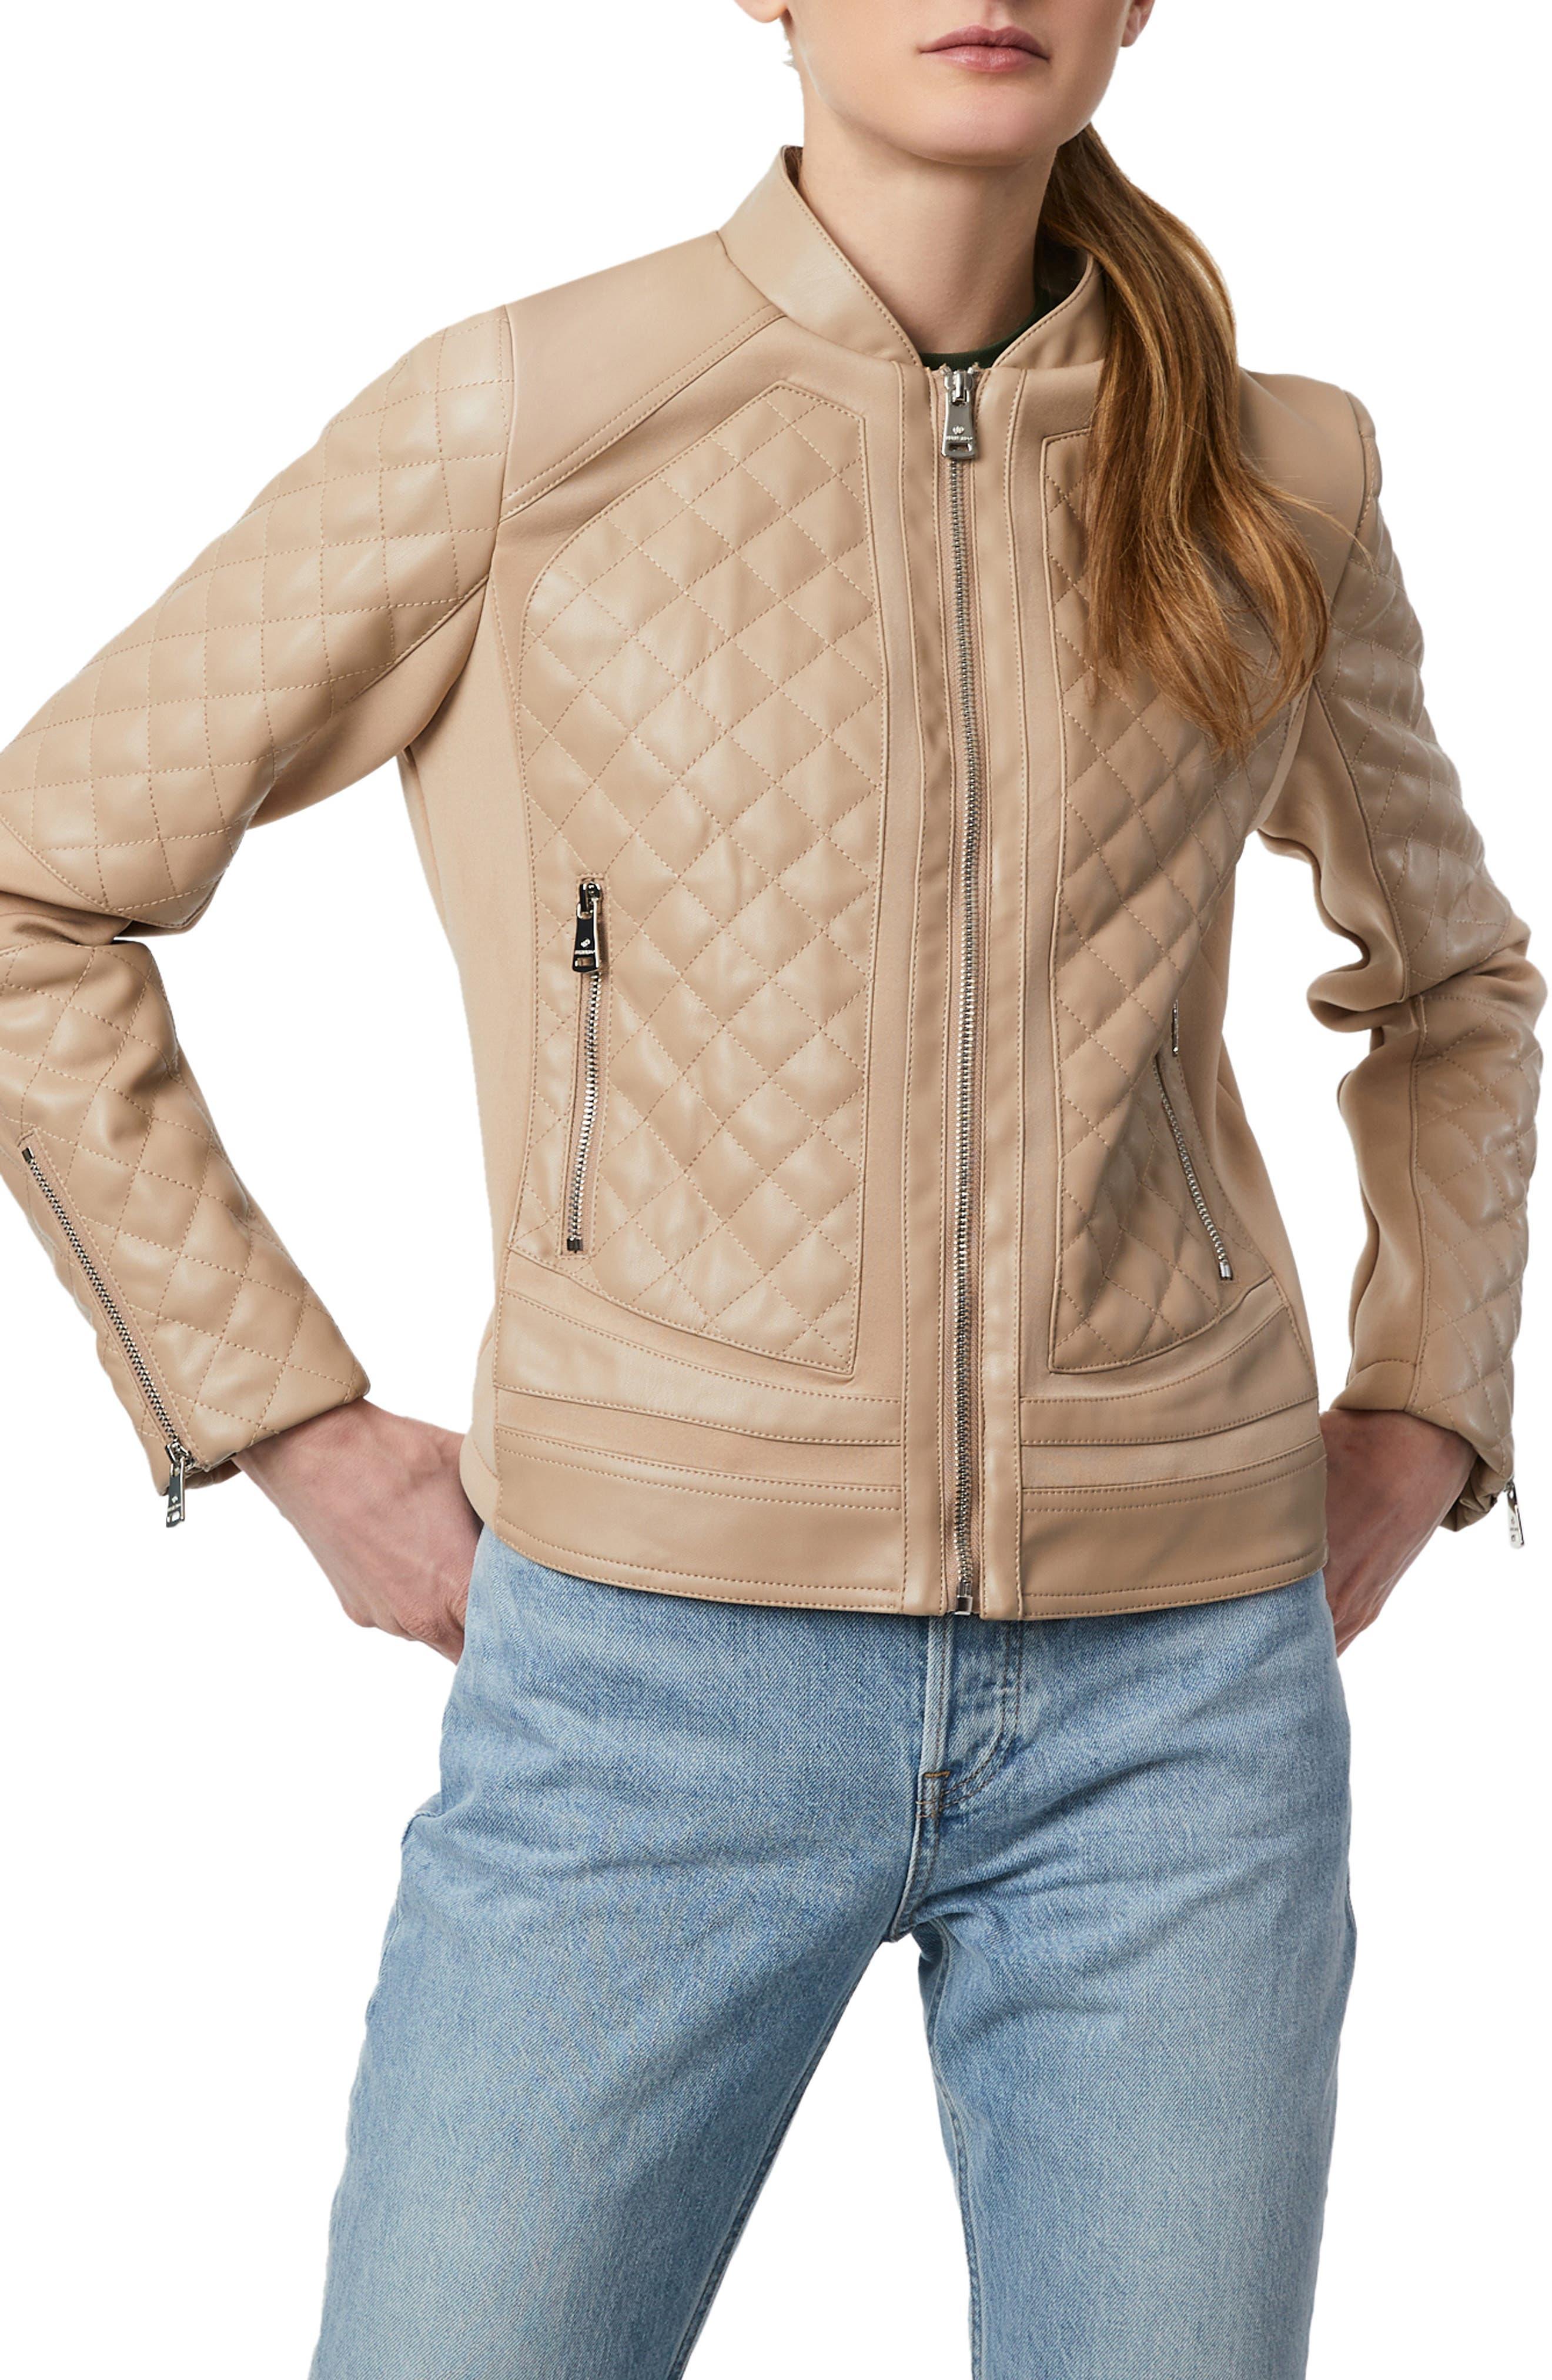 Nouveau Bernardo//NORDSTROM Genuine En Daim Cuir Veste Manteau Bleu Royal S ou M Neuf avec étiquettes